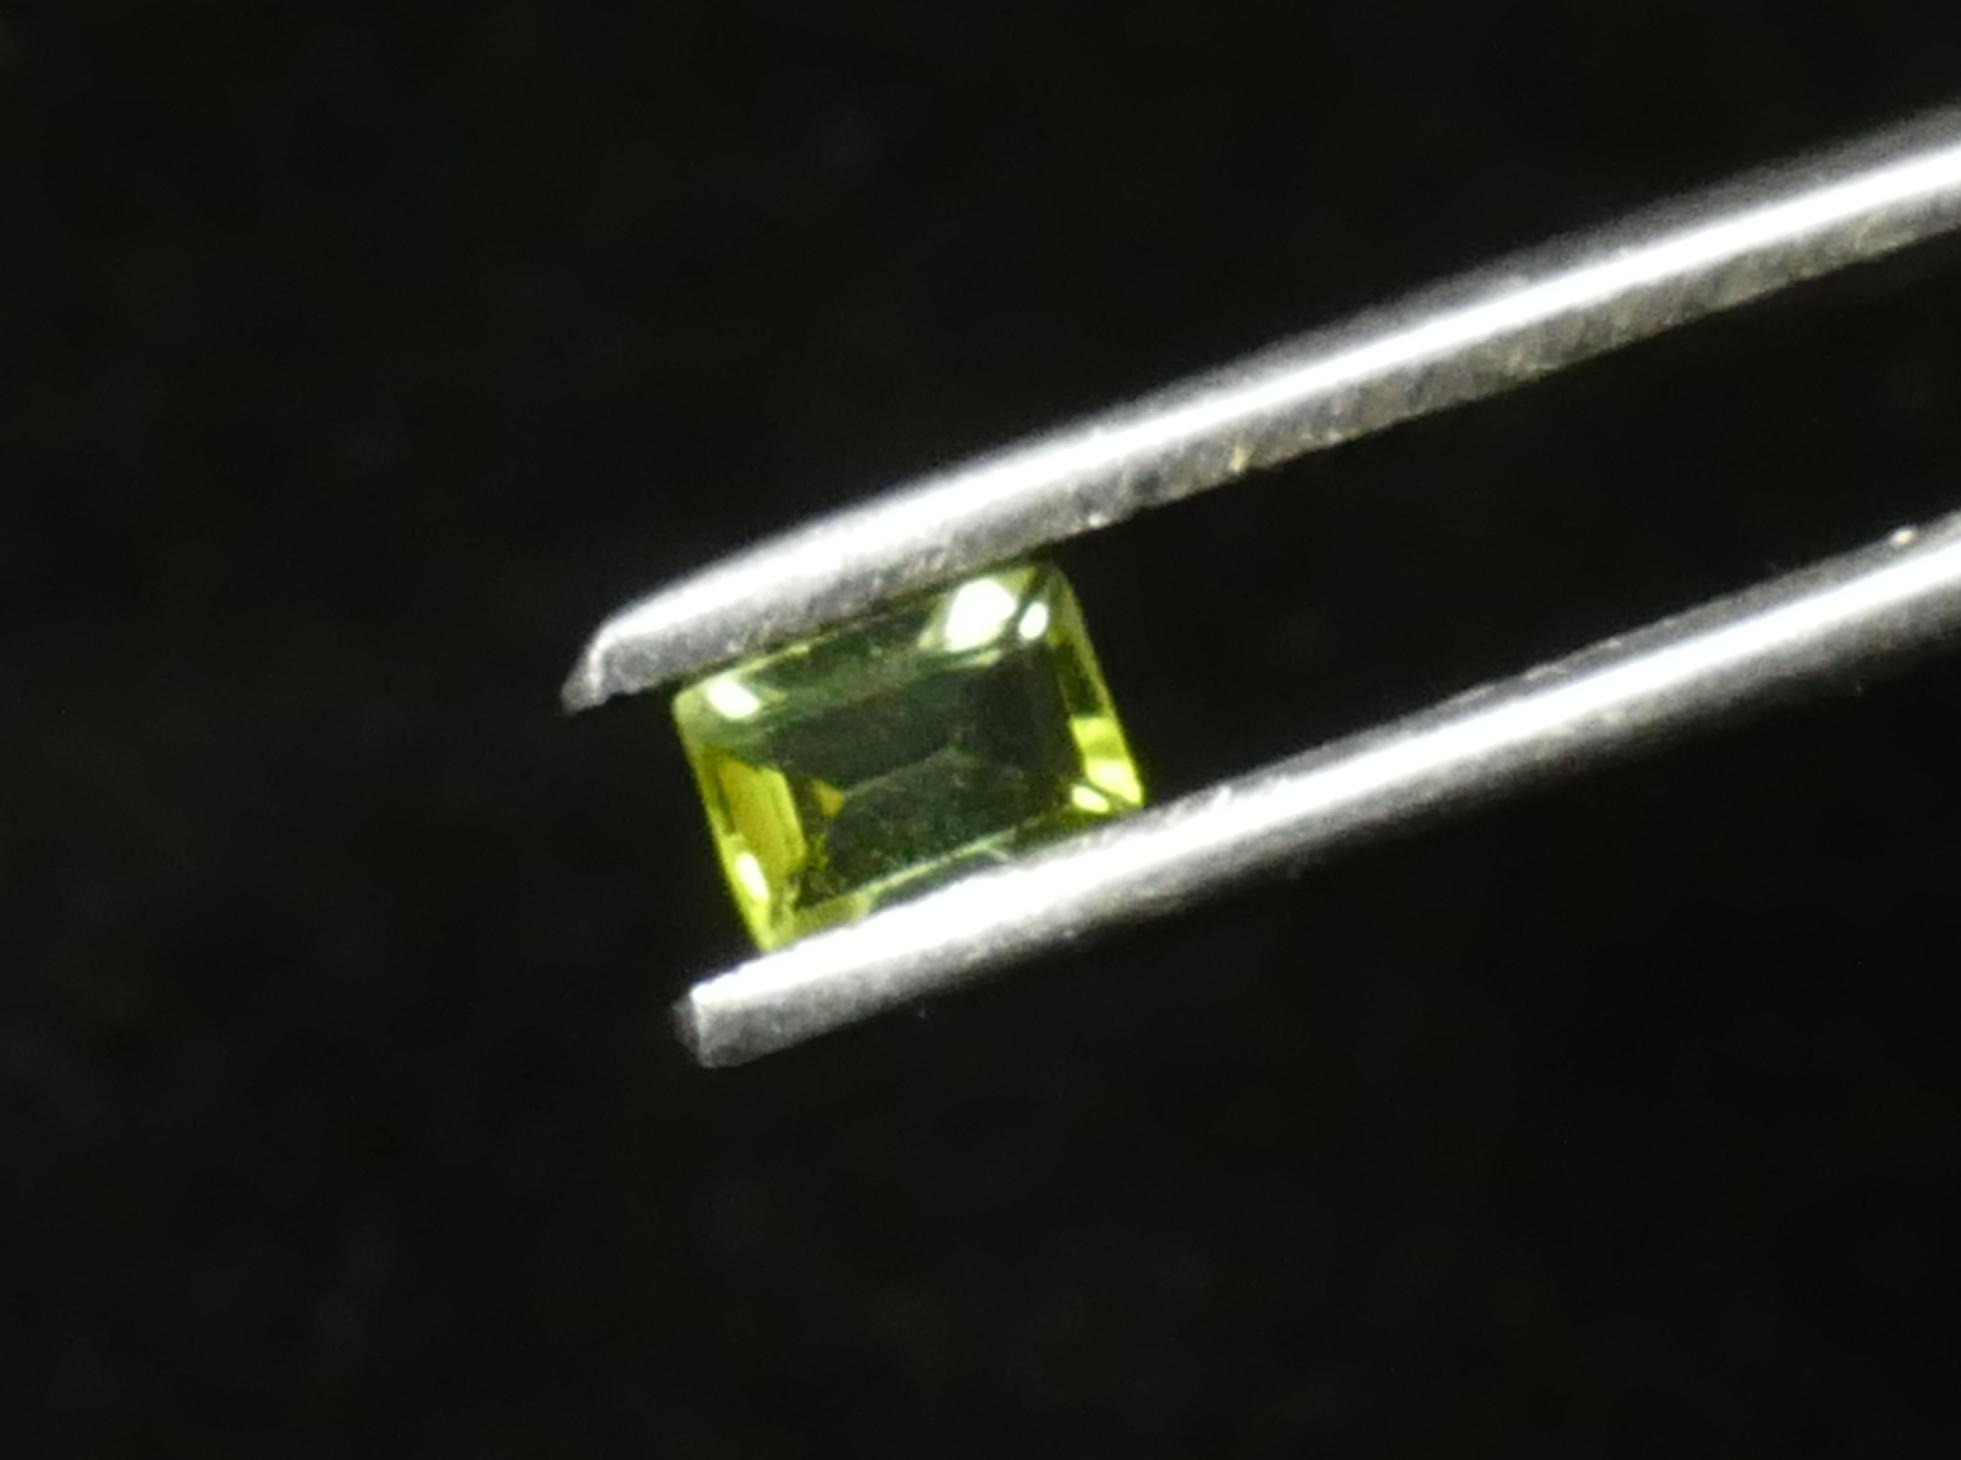 4.6x3.2mm VS Tourmaline naturelle Verdelite verte facetté baguette Brésil 0.29ct (#PB684)